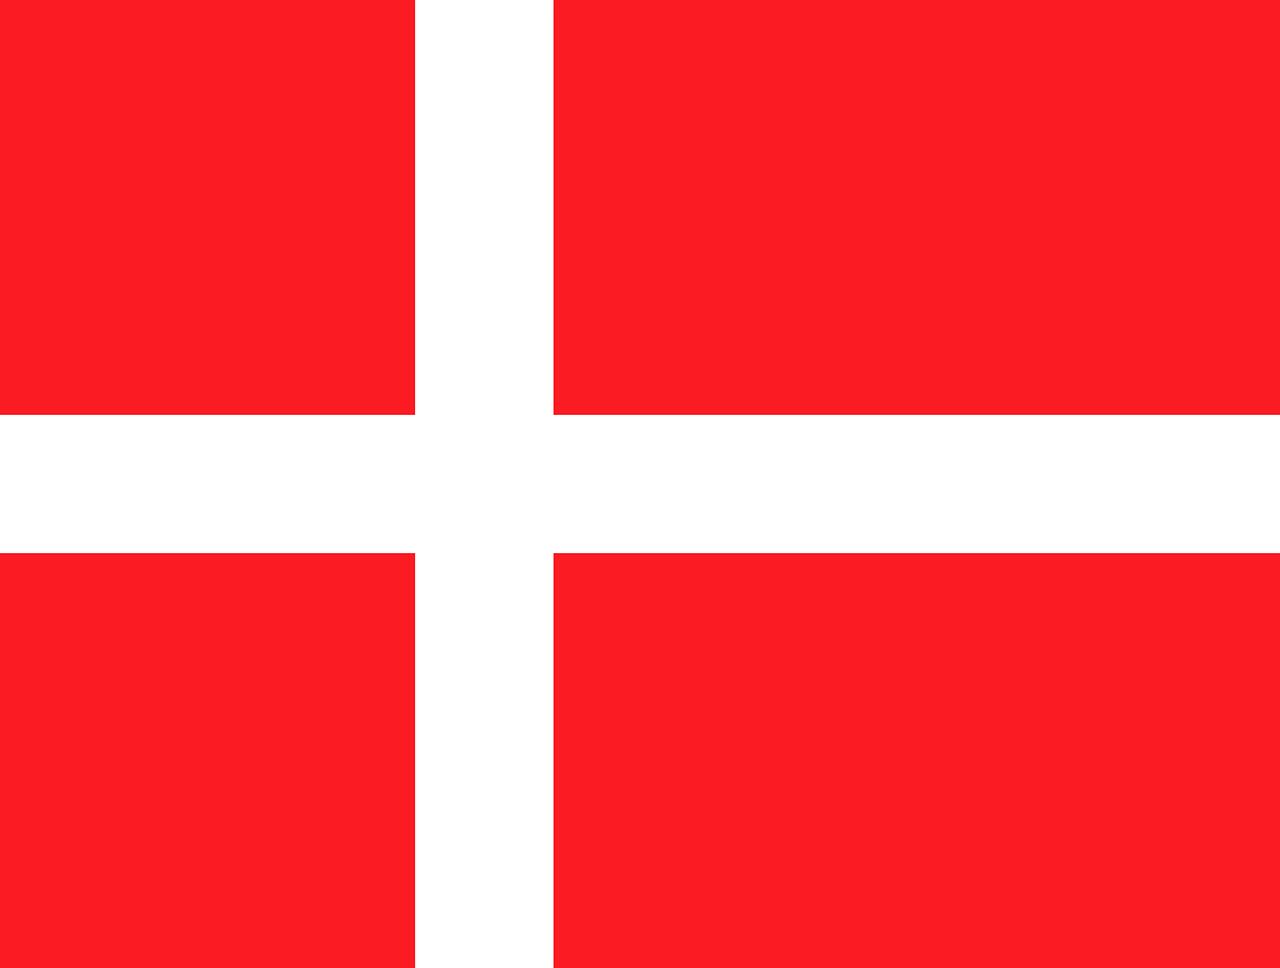 Europę – tworzyć, Świat – rozumieć. Praca w Danii, przydatne wskazówki Ambasady RP w Kopenhadze